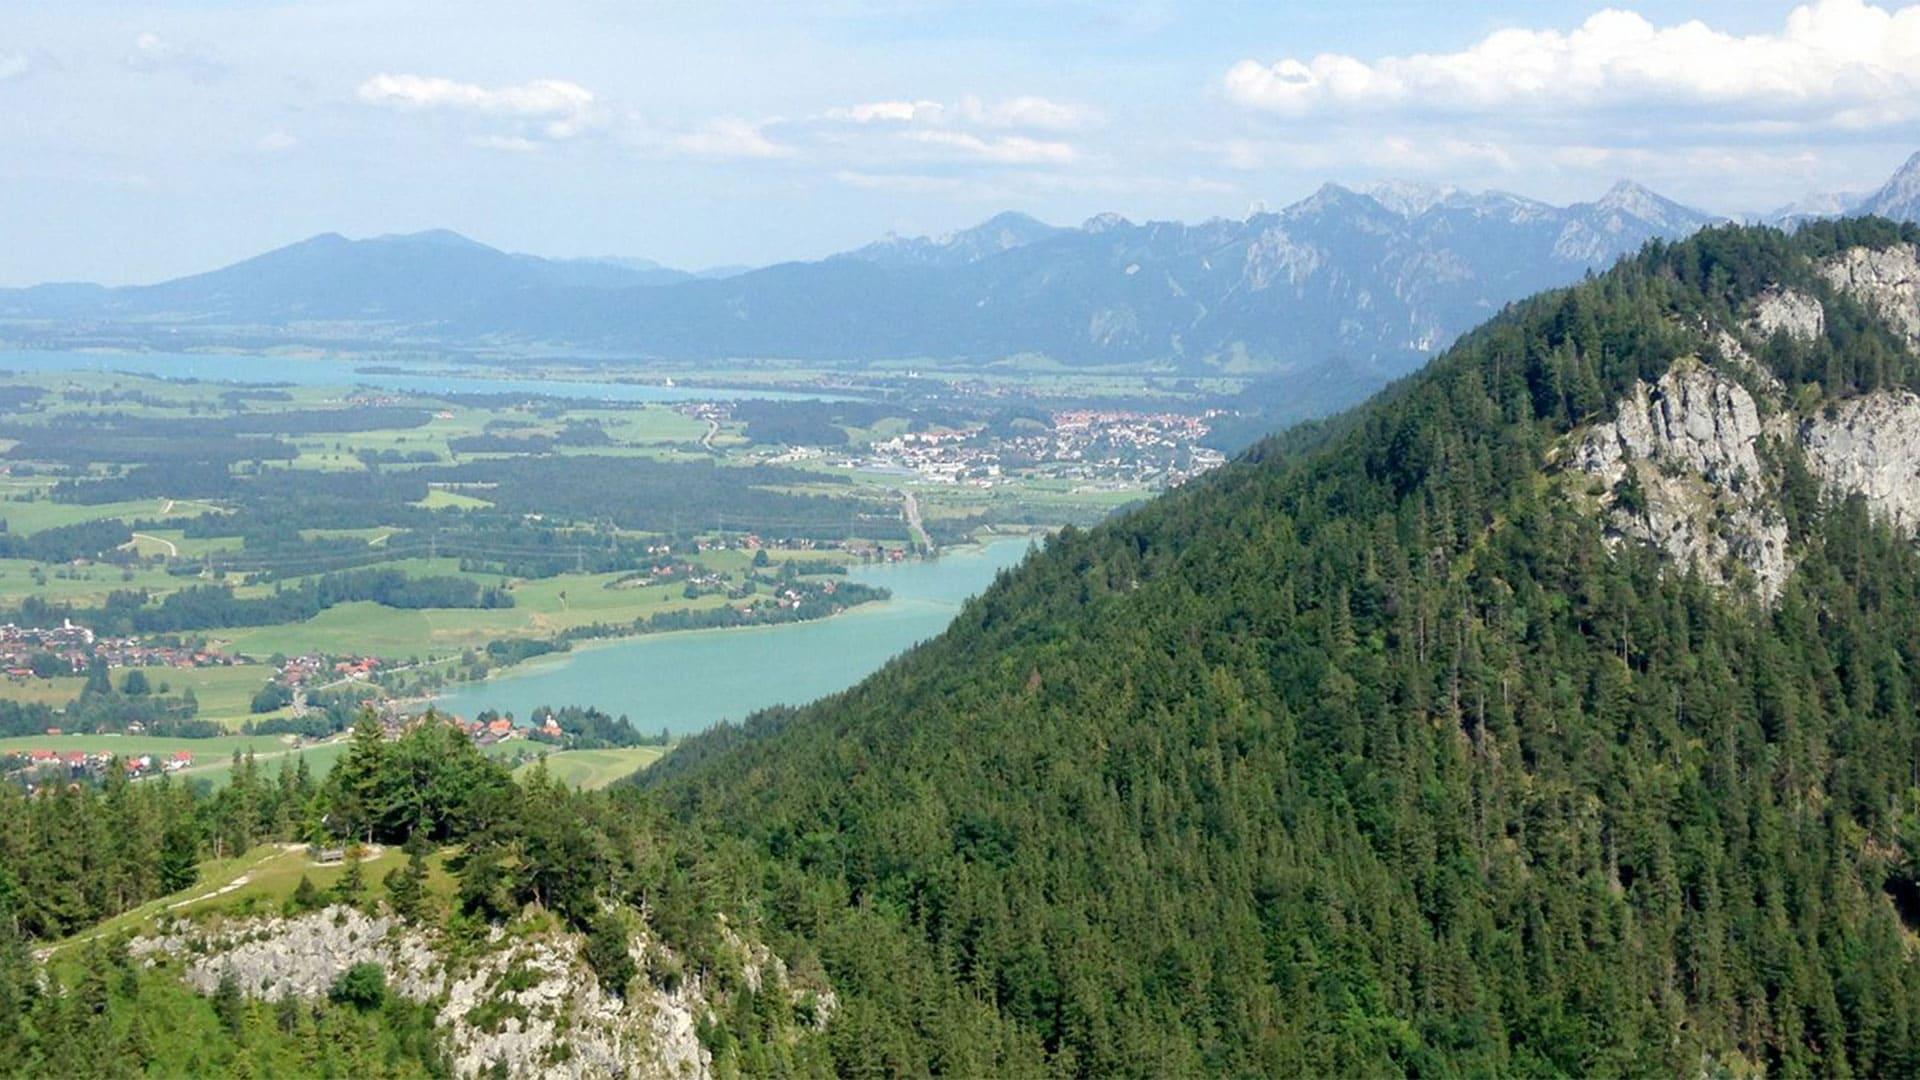 Image De Munich au lac de Côme